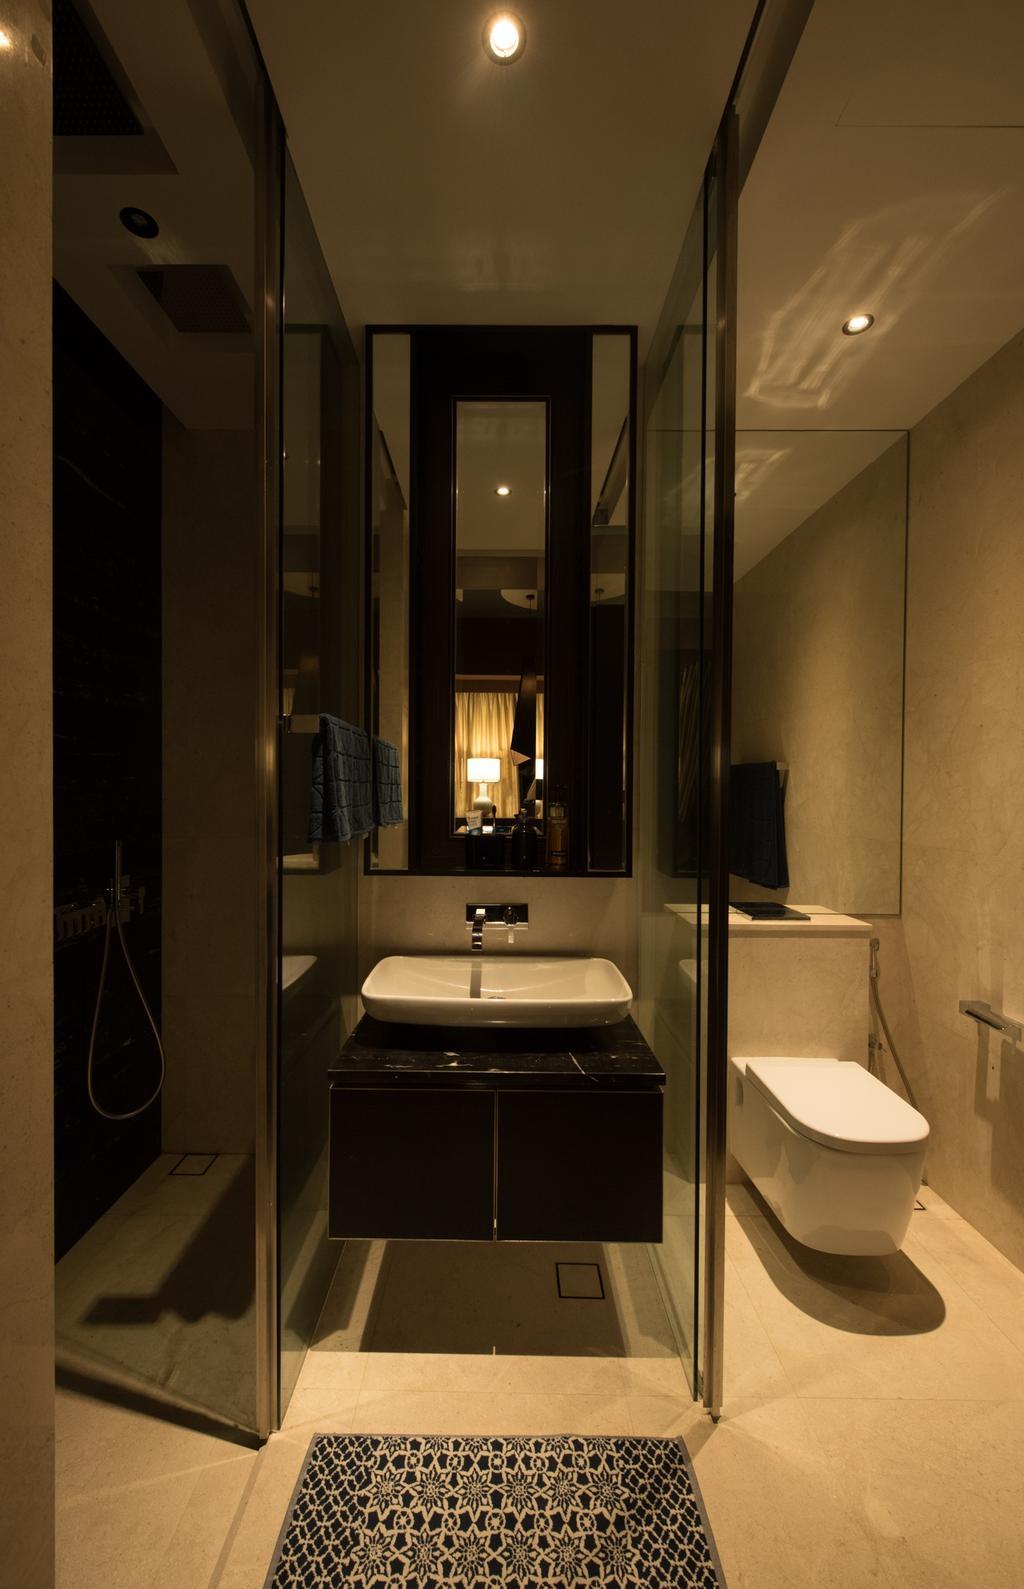 Condo, Bathroom, The Cape, Interior Designer, Fatema Design Studio, Toilet, Indoors, Interior Design, Room